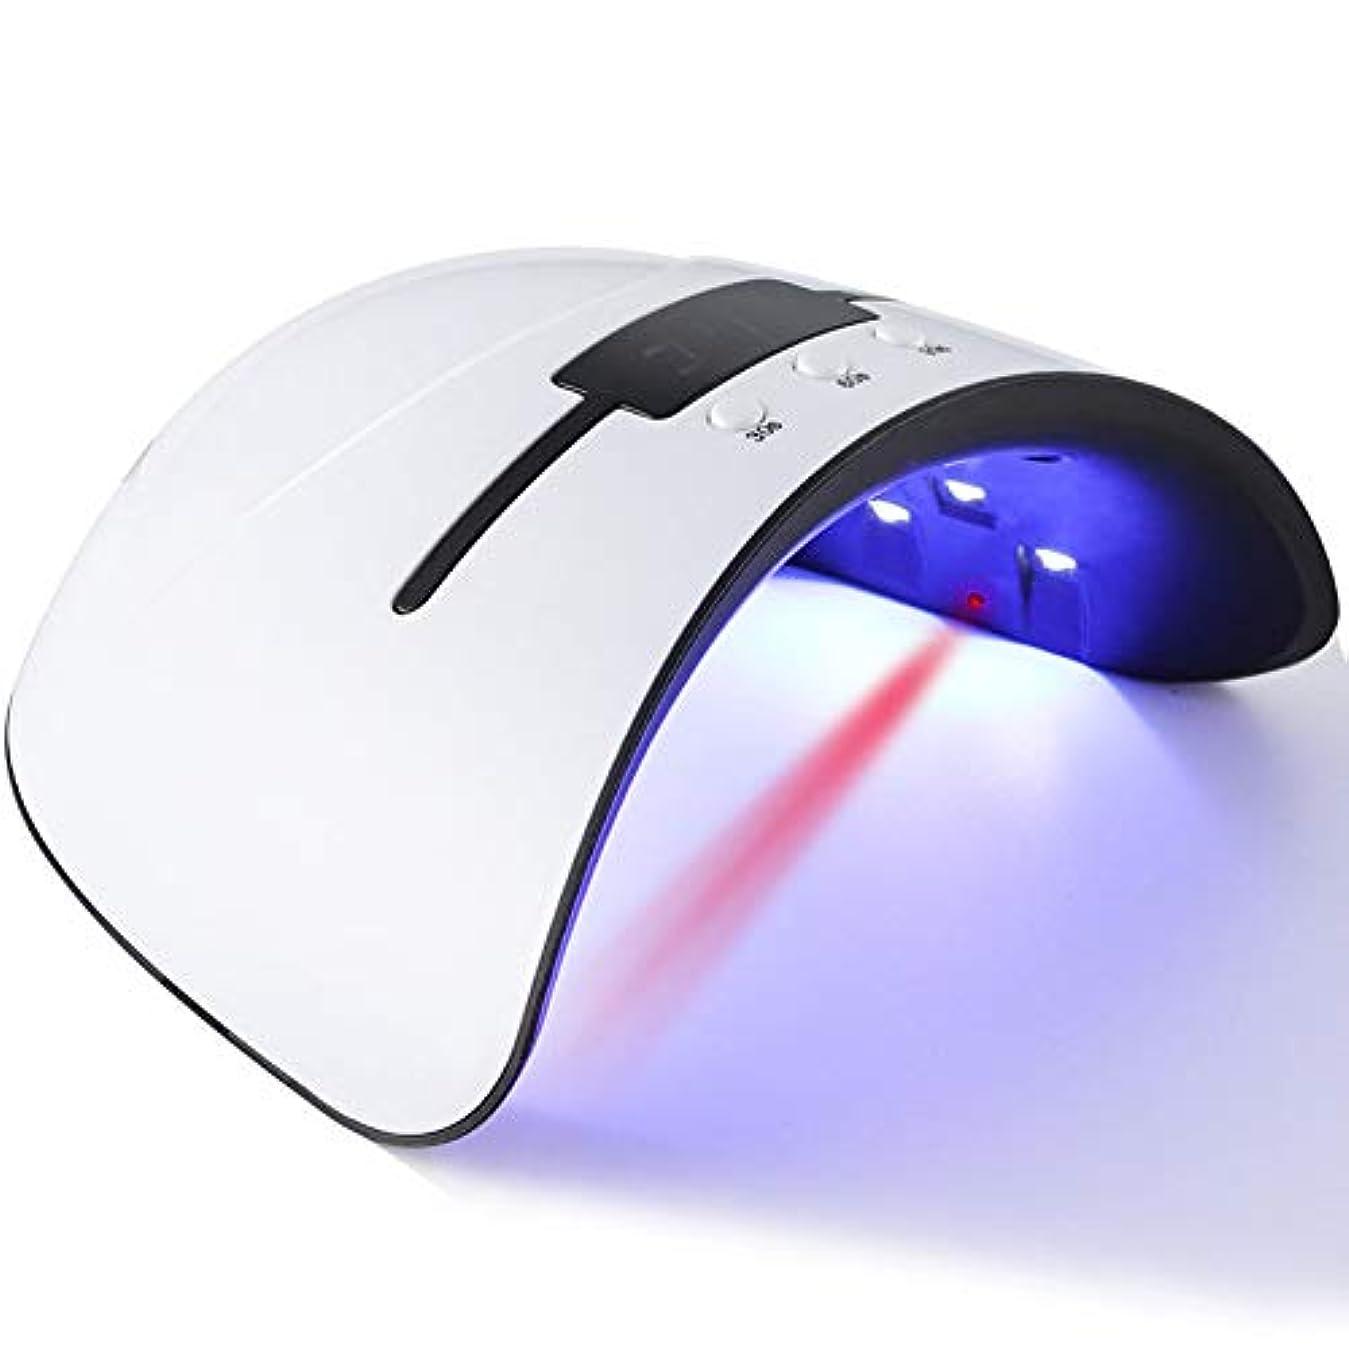 しわ形成矛盾する硬化ライト ネイルlight ジェルネイル LED ネイルドライヤー 日本語説明書付属 36W 無痛硬化 赤外線検知